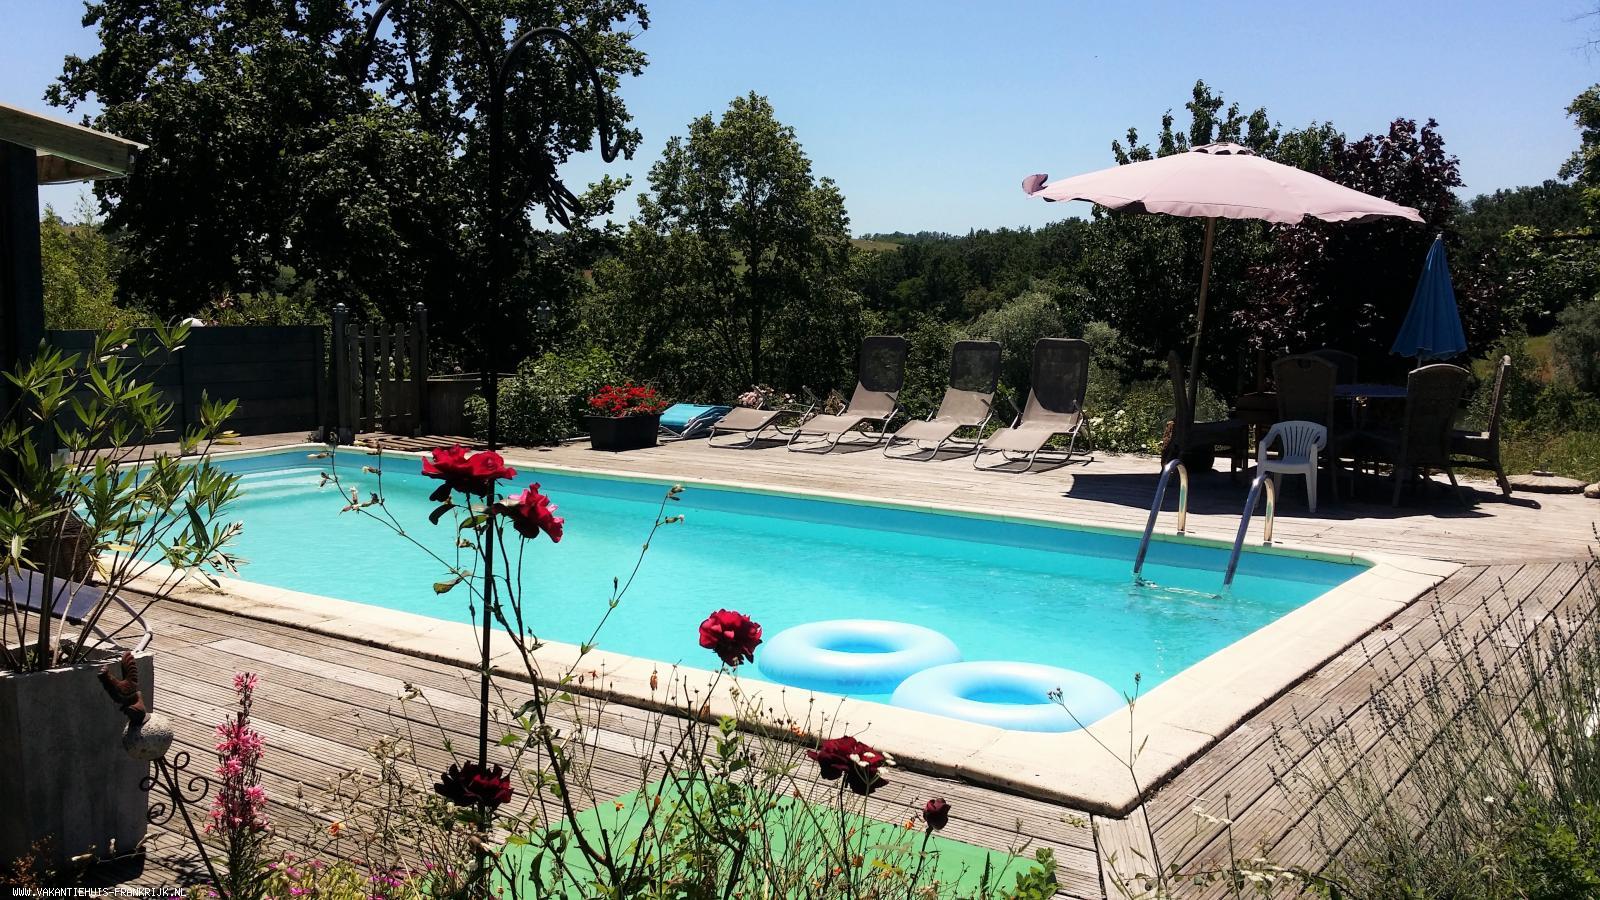 Vakantiehuis: Grote vrijstaande vakantiewoning met zwembad voor maximaal 6 personen midden in een natuurgebied, grenzend aan een privé meer te huur voor uw vakantie in Lot (Frankrijk)